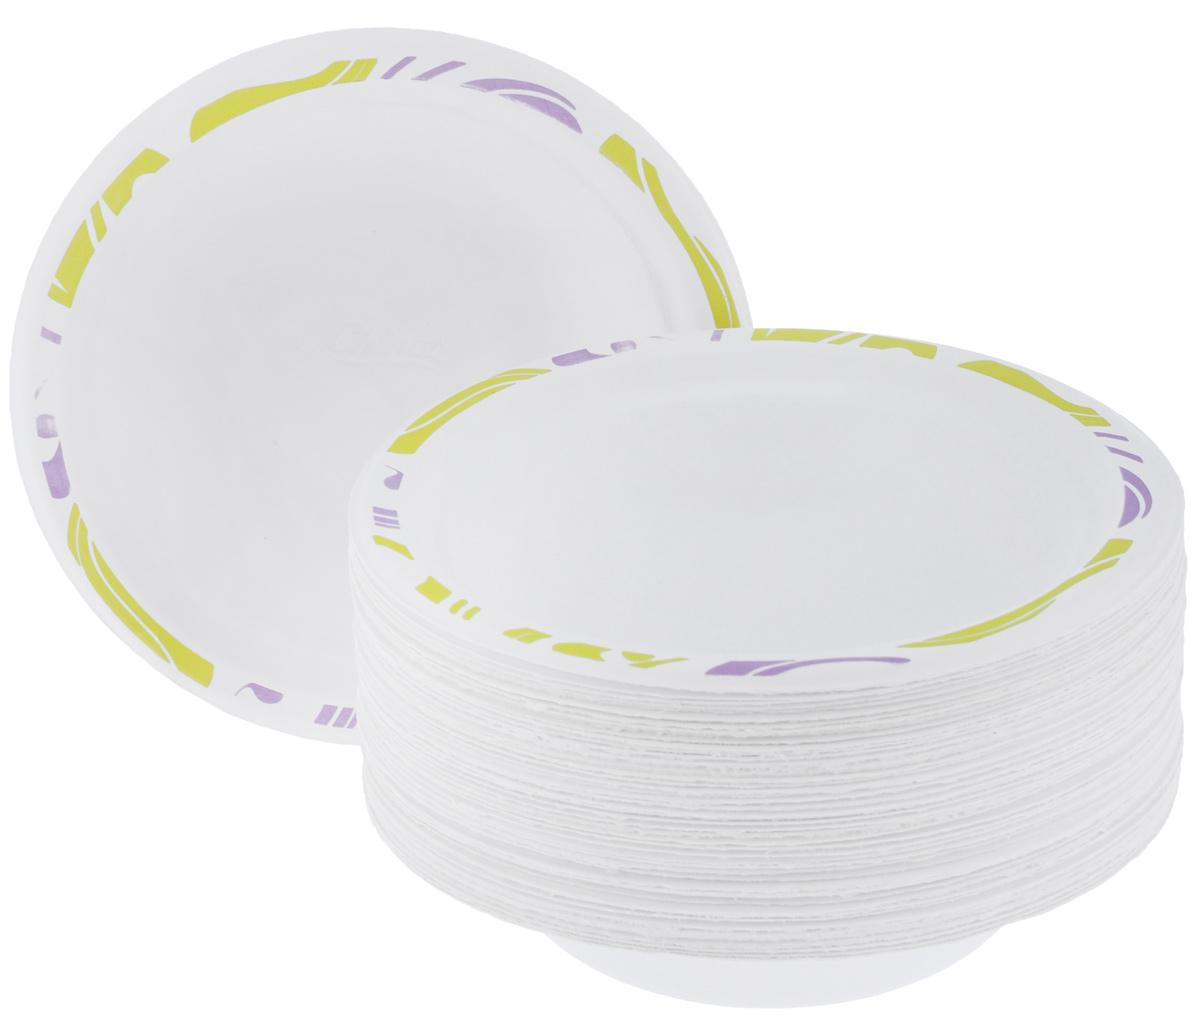 """Набор Chinet """"Flavour"""" состоит из 50 круглых тарелок, выполненных из плотной бумаги и предназначенных для одноразового использования. Изделия декорированы оригинальным узором. Одноразовые тарелки будут незаменимы при поездках на природу, пикниках и других мероприятиях. Они не займут много места, легки и самое главное - после использования их не надо мыть.Диаметр тарелки: 18 см.Высота тарелки: 1,5 см."""